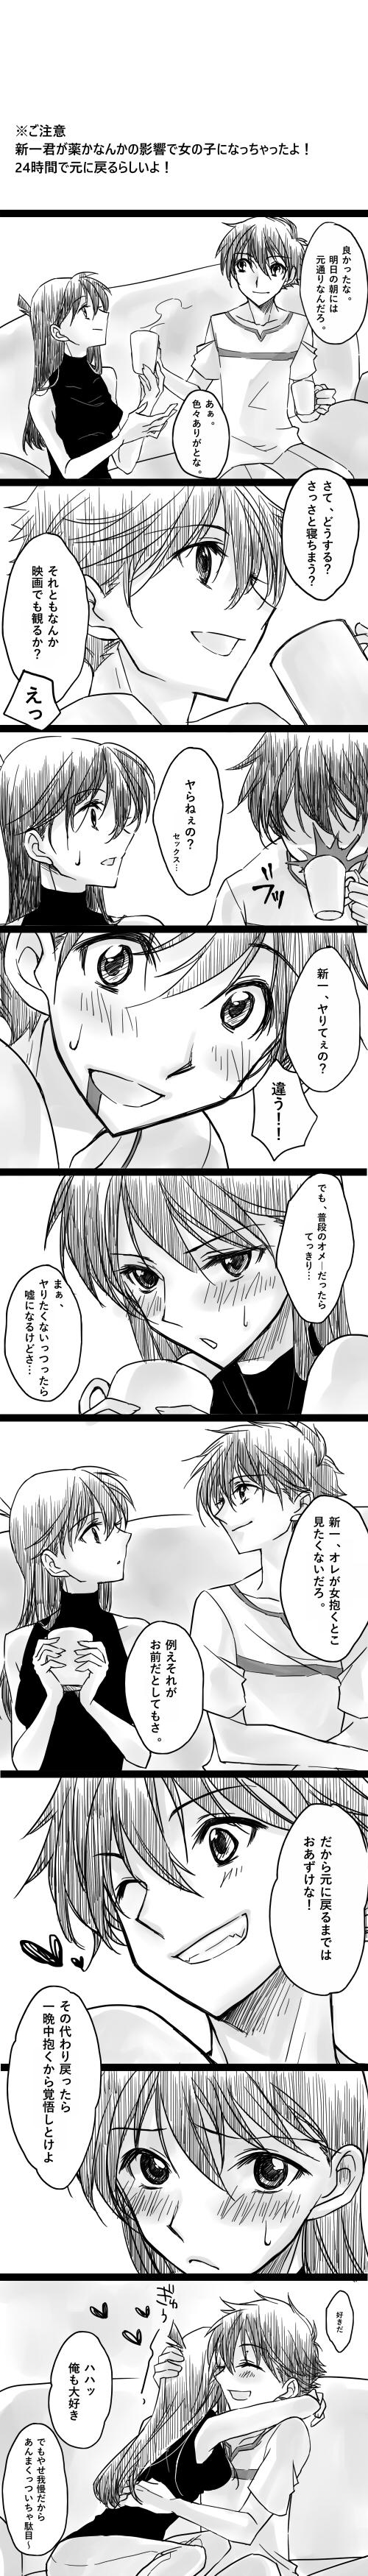 Ghim của Niss trên Kaishin/Shinkai Hình ảnh